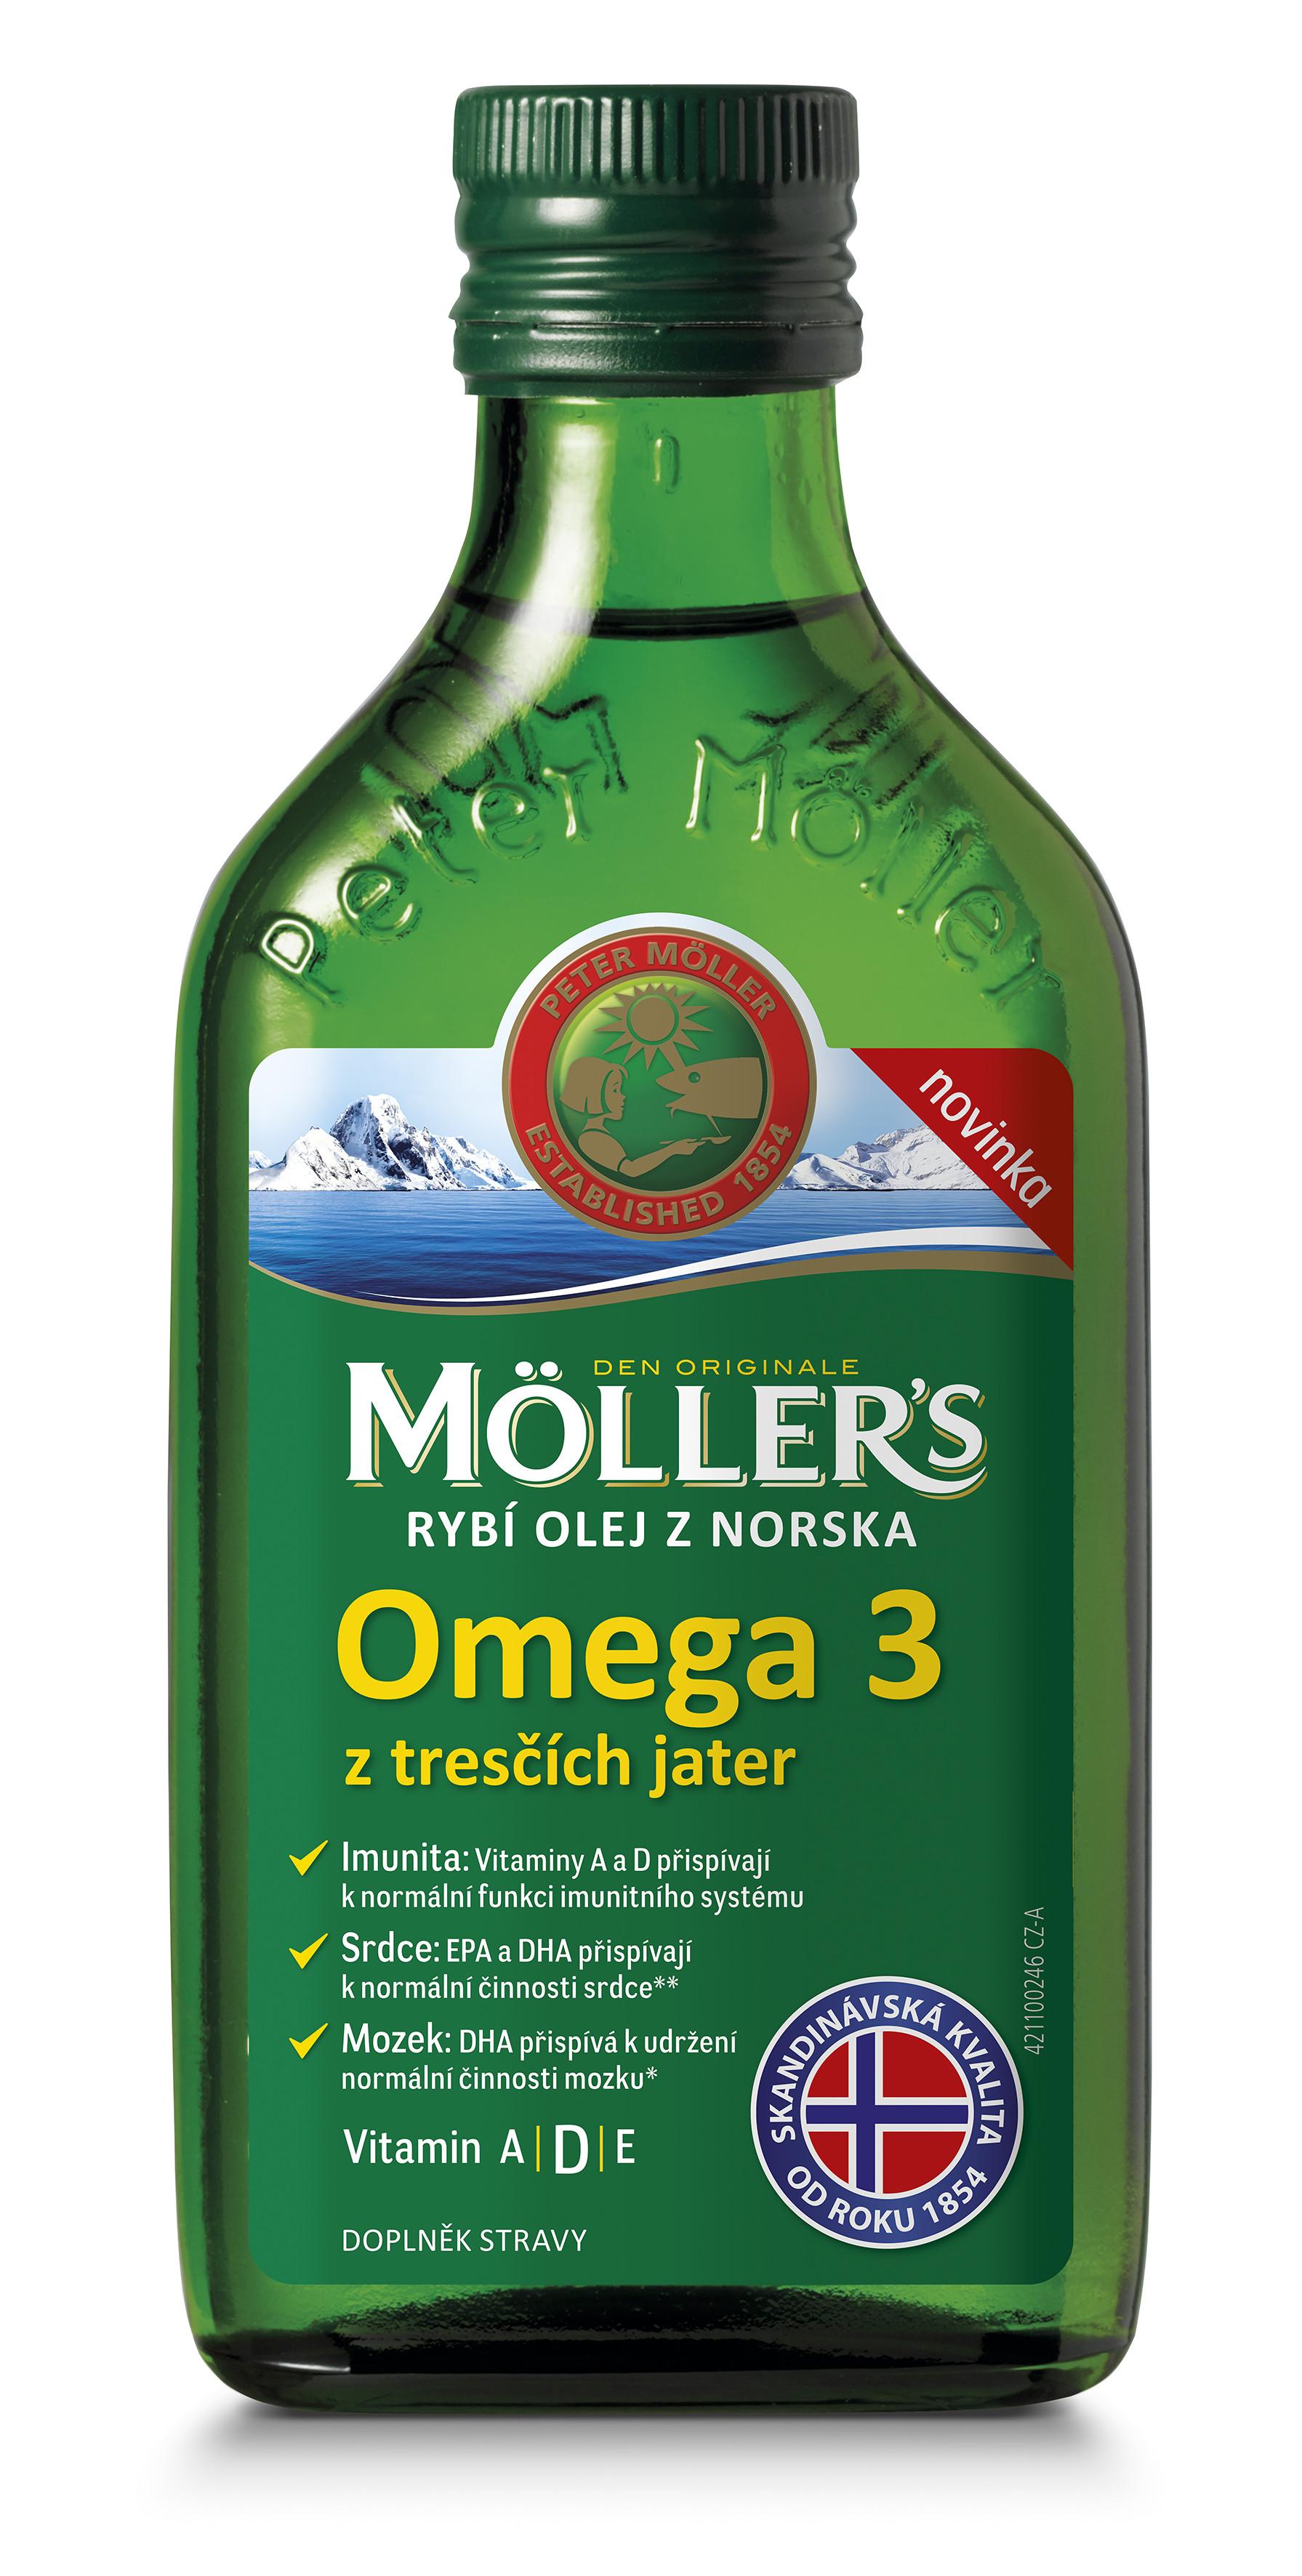 Möller's rybí olej z Nórska z treščích pečení